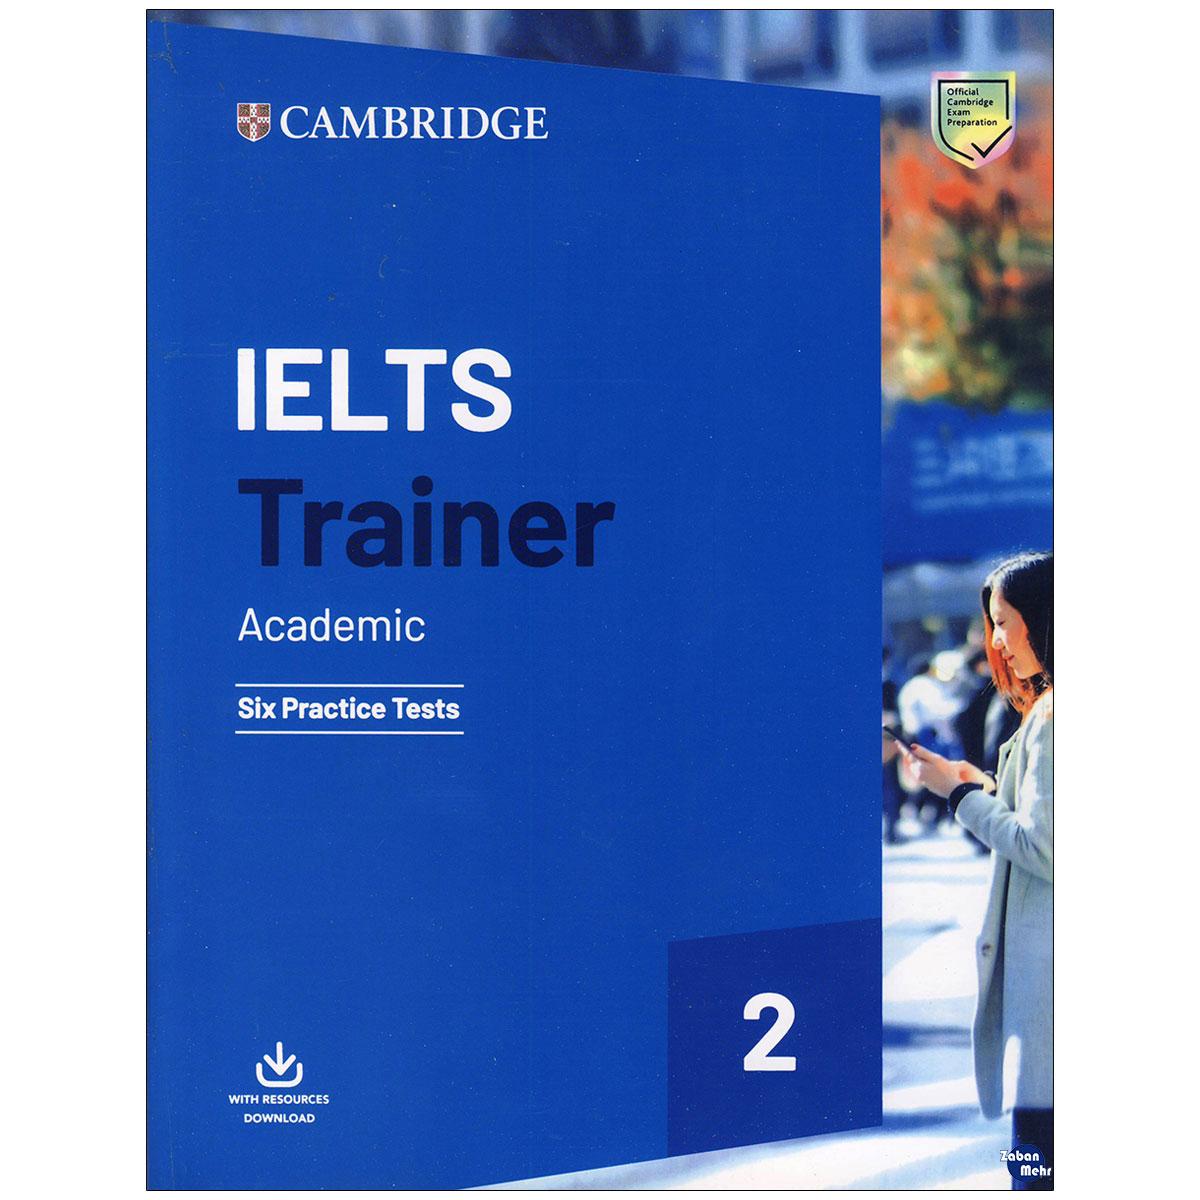 خرید                      کتاب Cambridge Ielts Trainer 2 Academic اثر جمعی از نویسندگان انتشارات زبان مهر